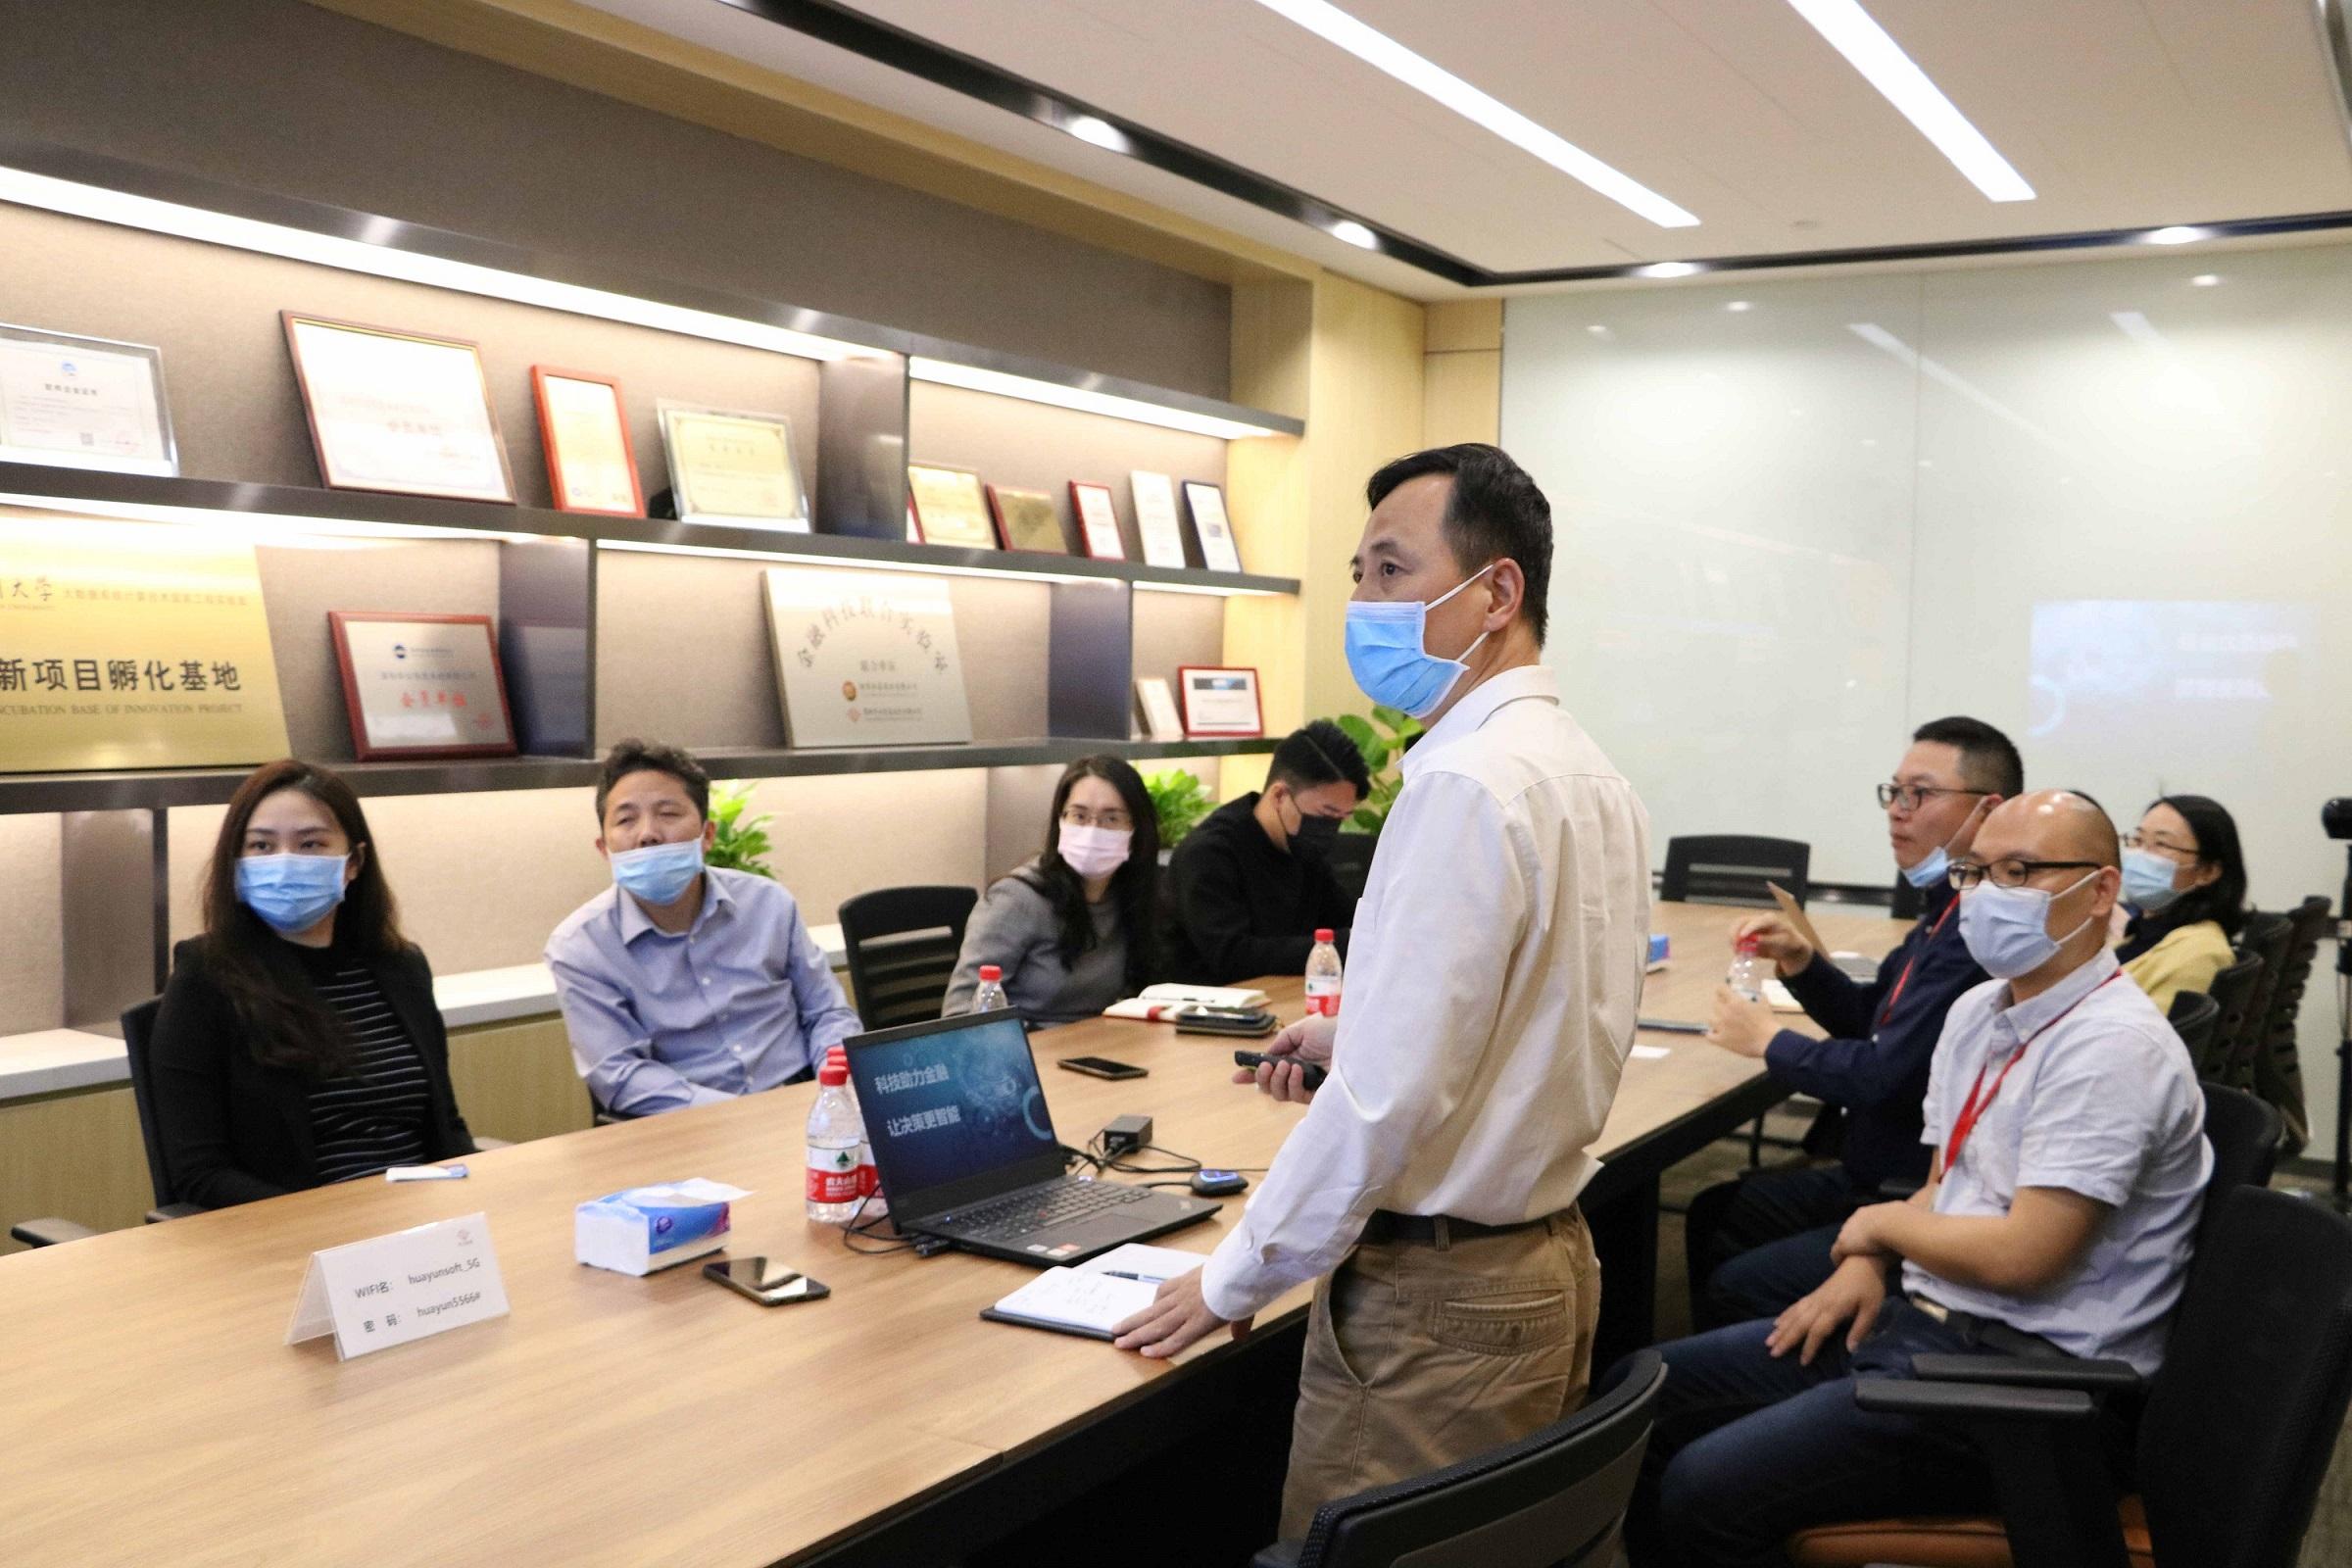 热烈欢迎深圳市福田区金融工作局与深圳市金融科技协会领导一行 莅临我司调研考察工作